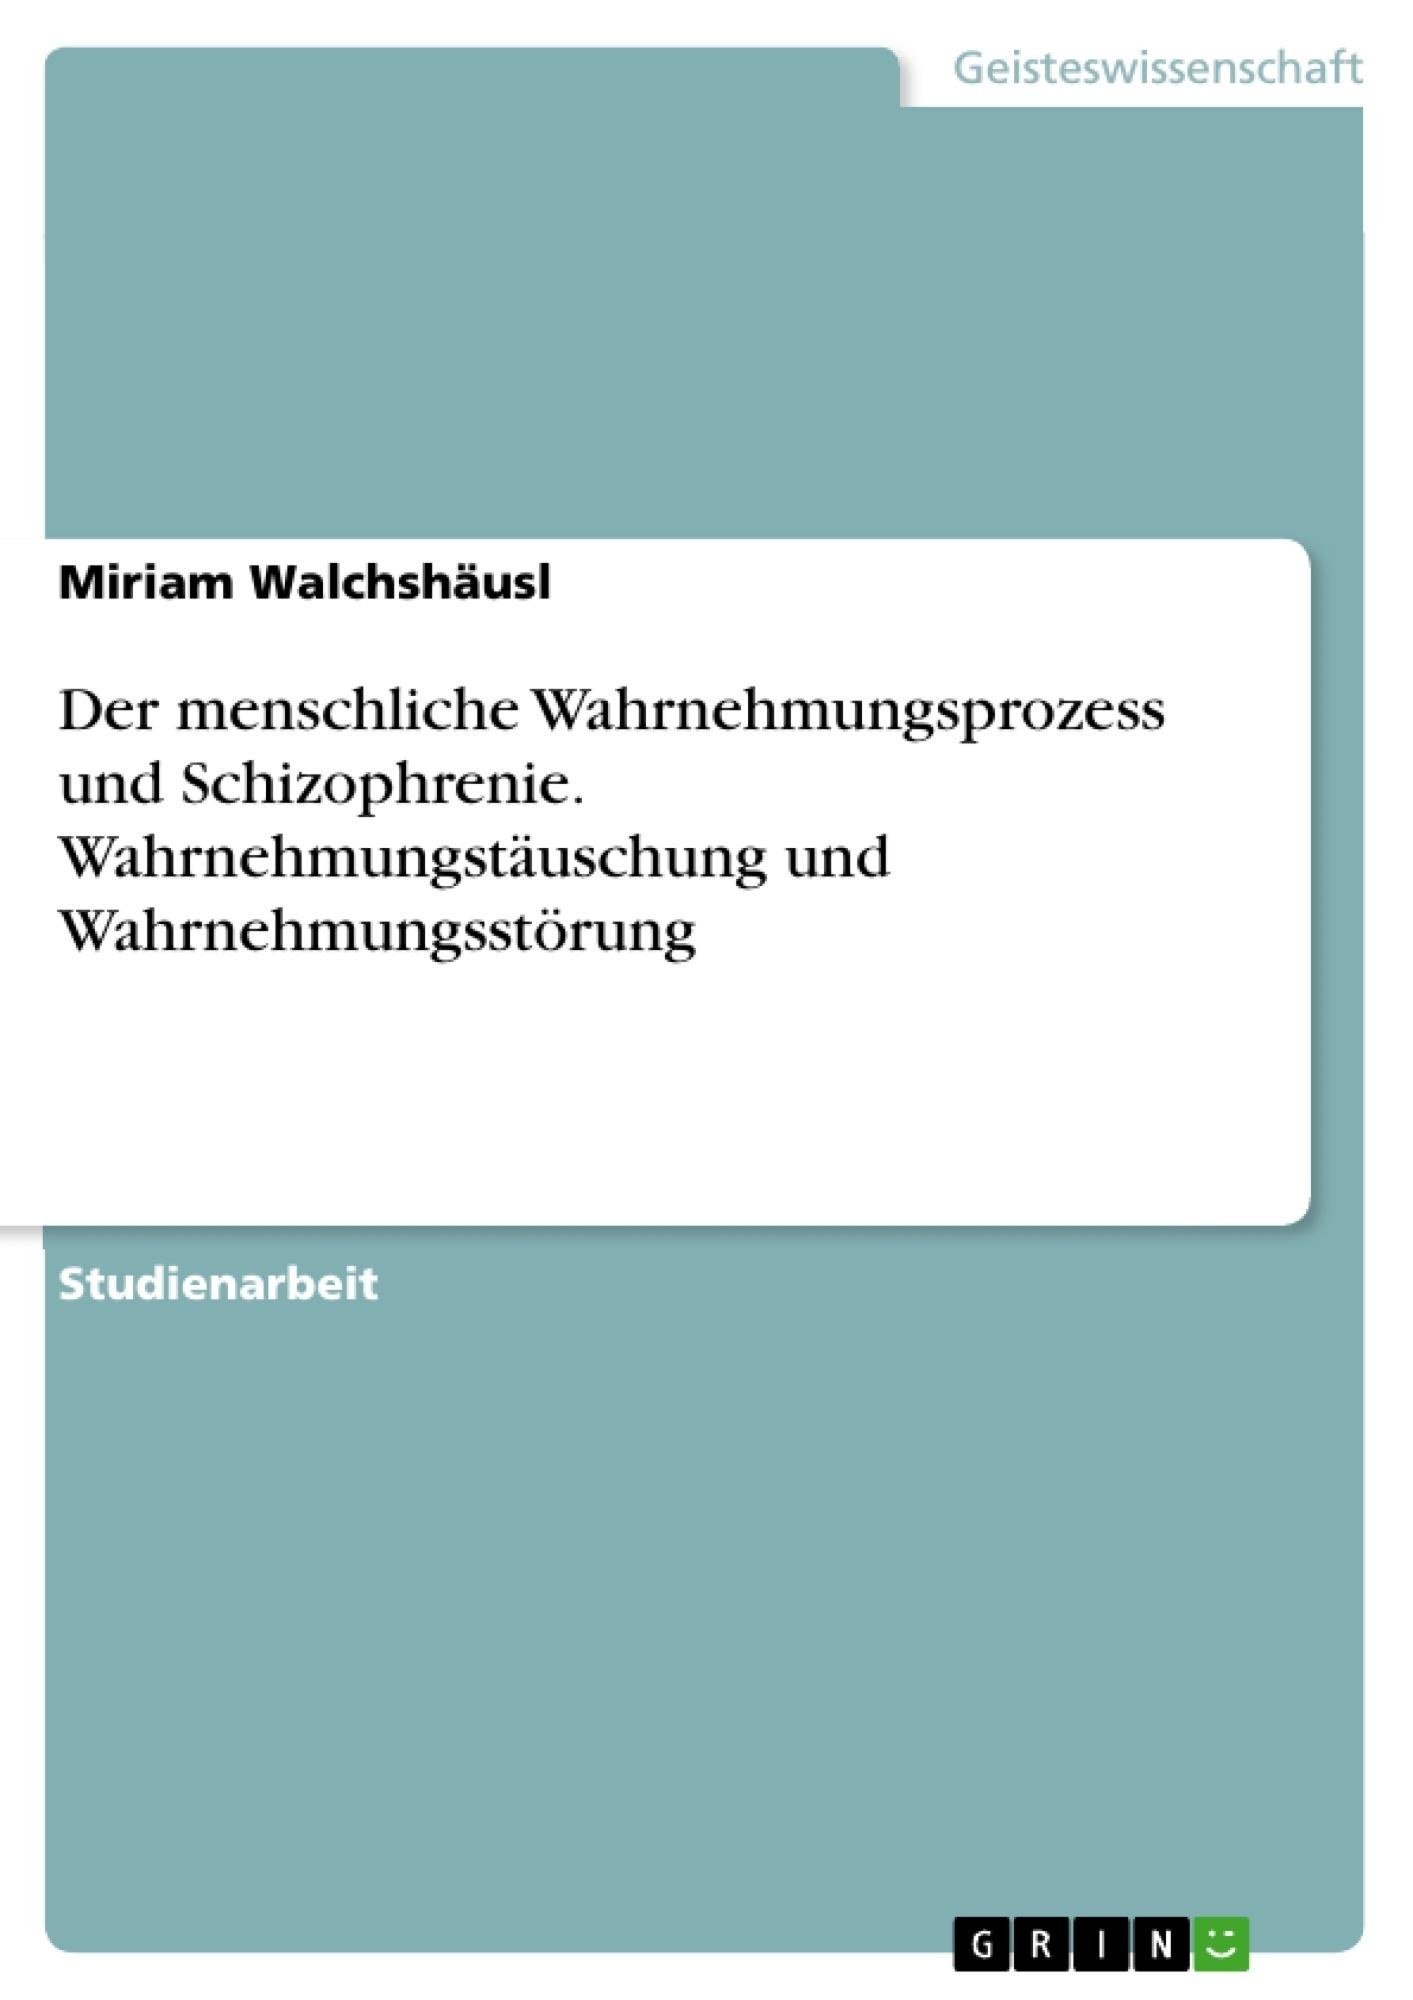 Titel: Der menschliche Wahrnehmungsprozess und Schizophrenie. Wahrnehmungstäuschung und Wahrnehmungsstörung